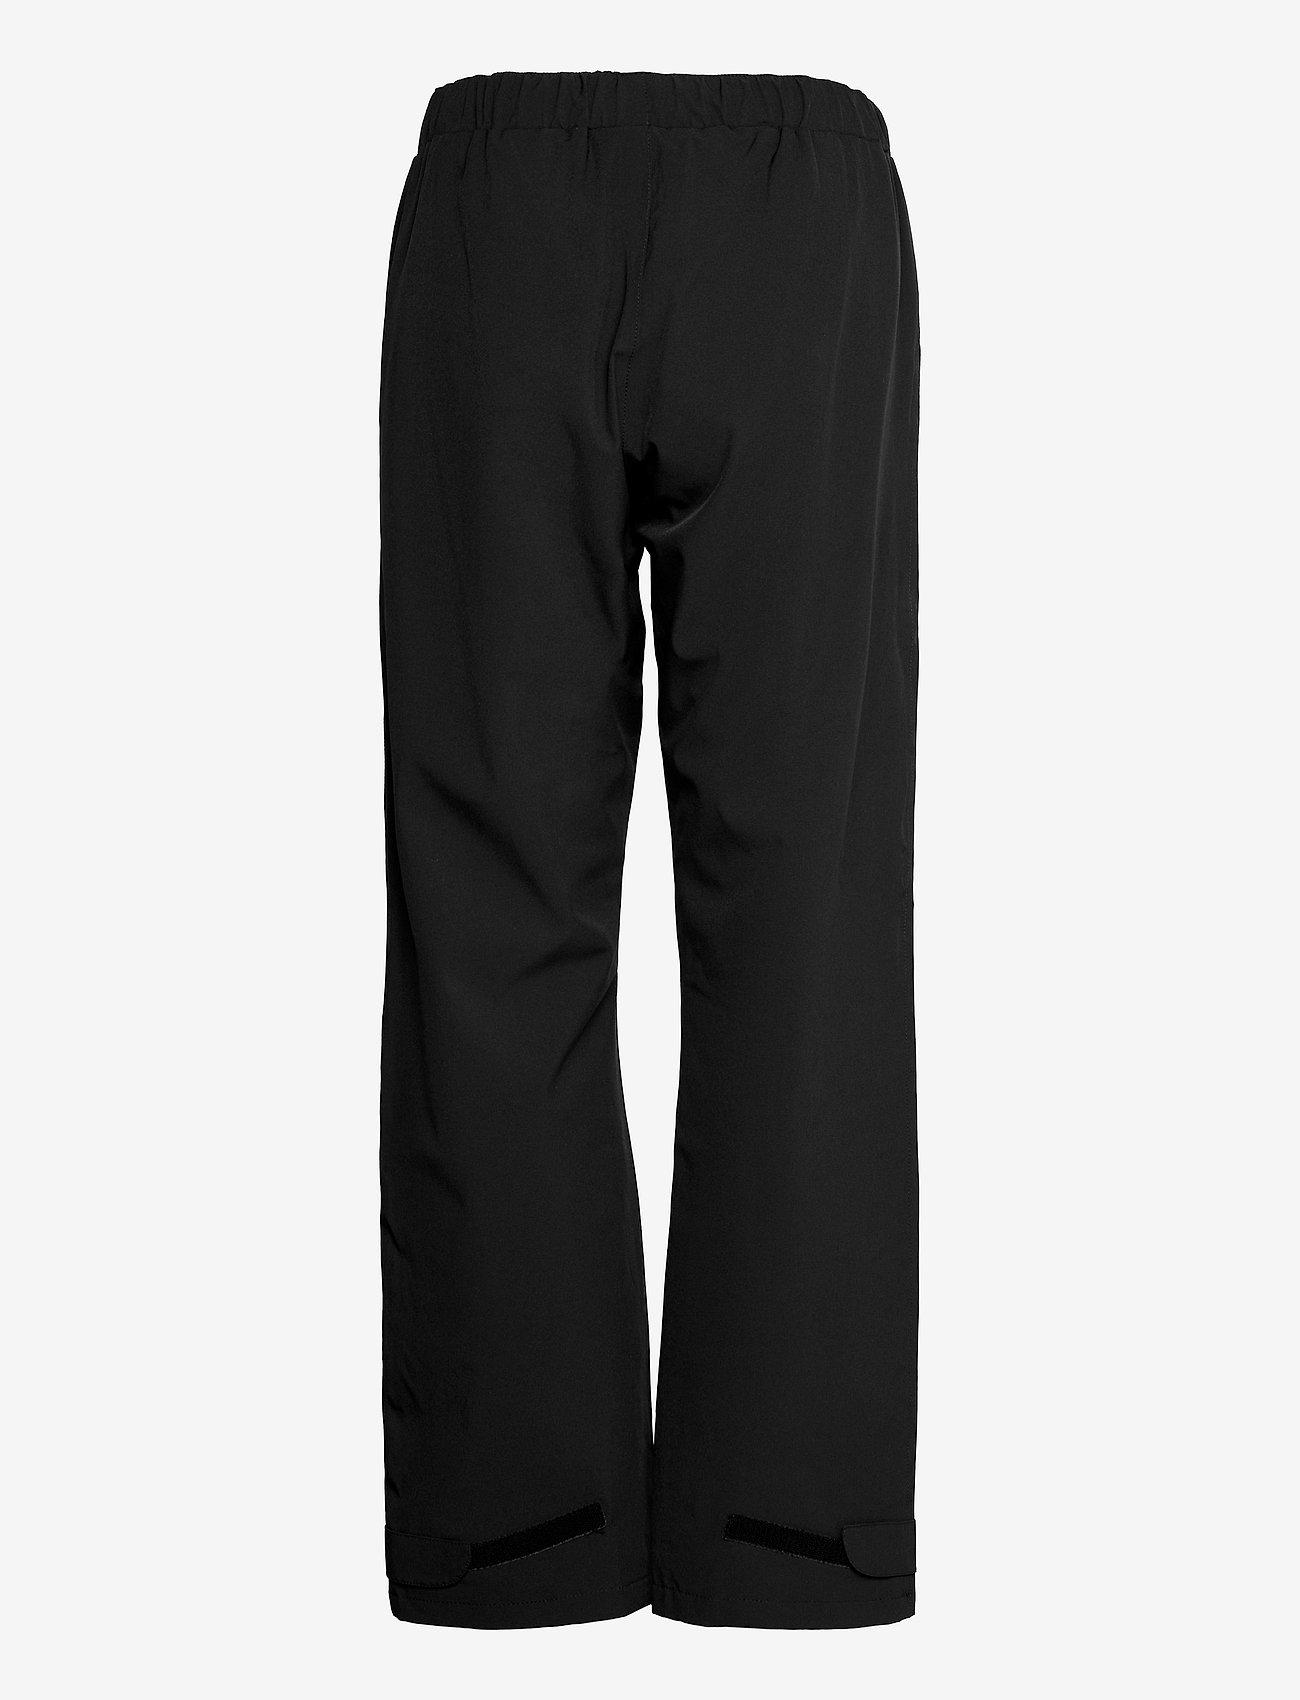 Weather Report - Camelia W AWG Pants W-PRO15000 - pantalon déperlant - black - 1